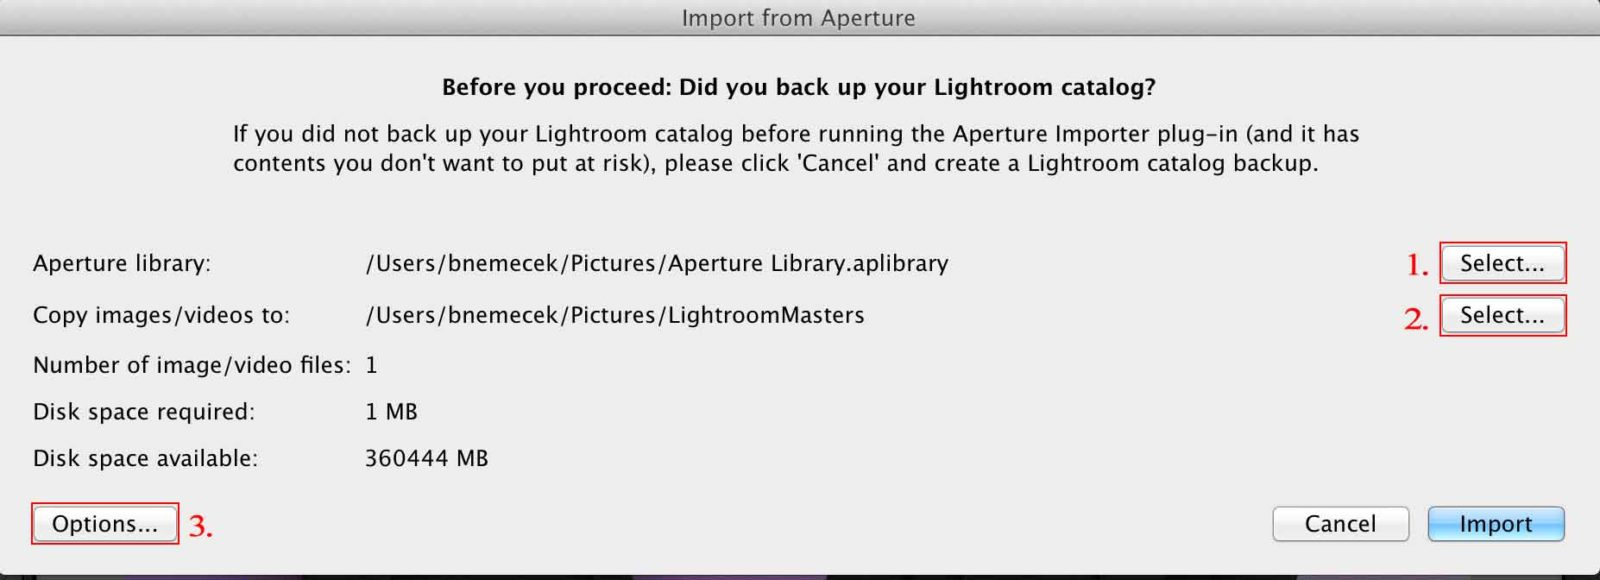 Lightroom permette di imporatre le librerie di iPhoto e Aperture